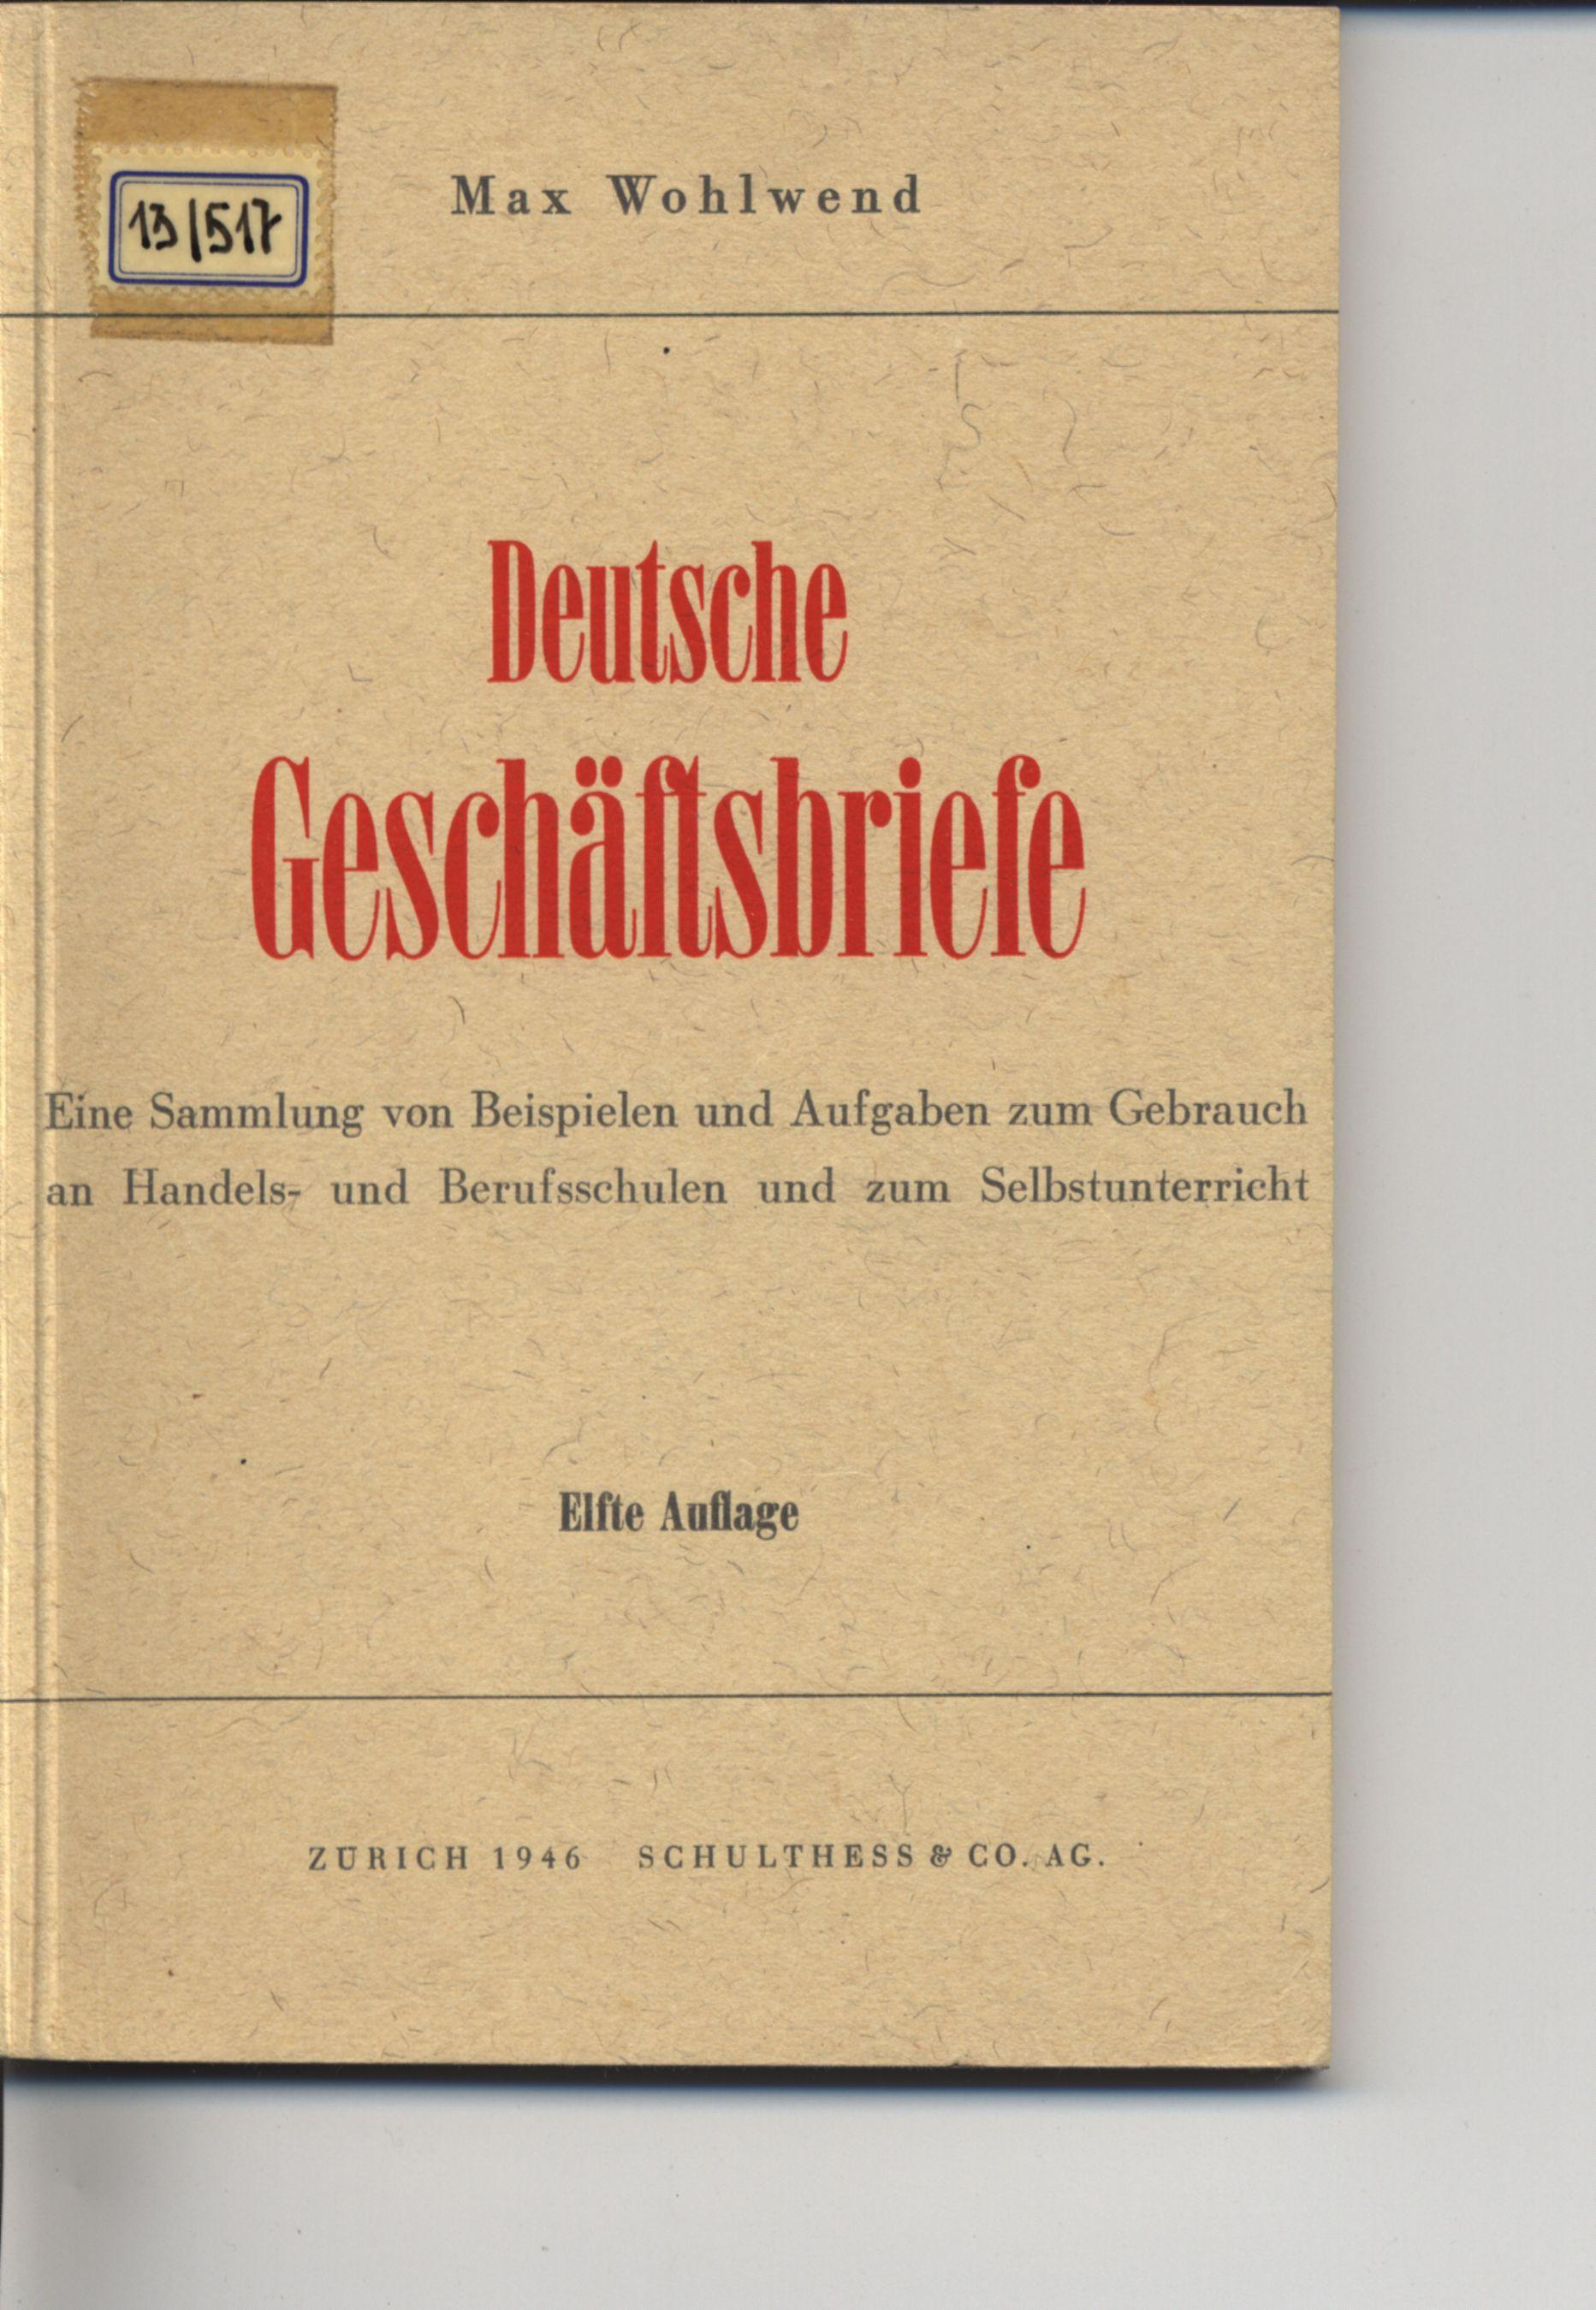 Deutsche Geschäftsbriefe Eine Sammlung Von Beispielen Und Aufgaben